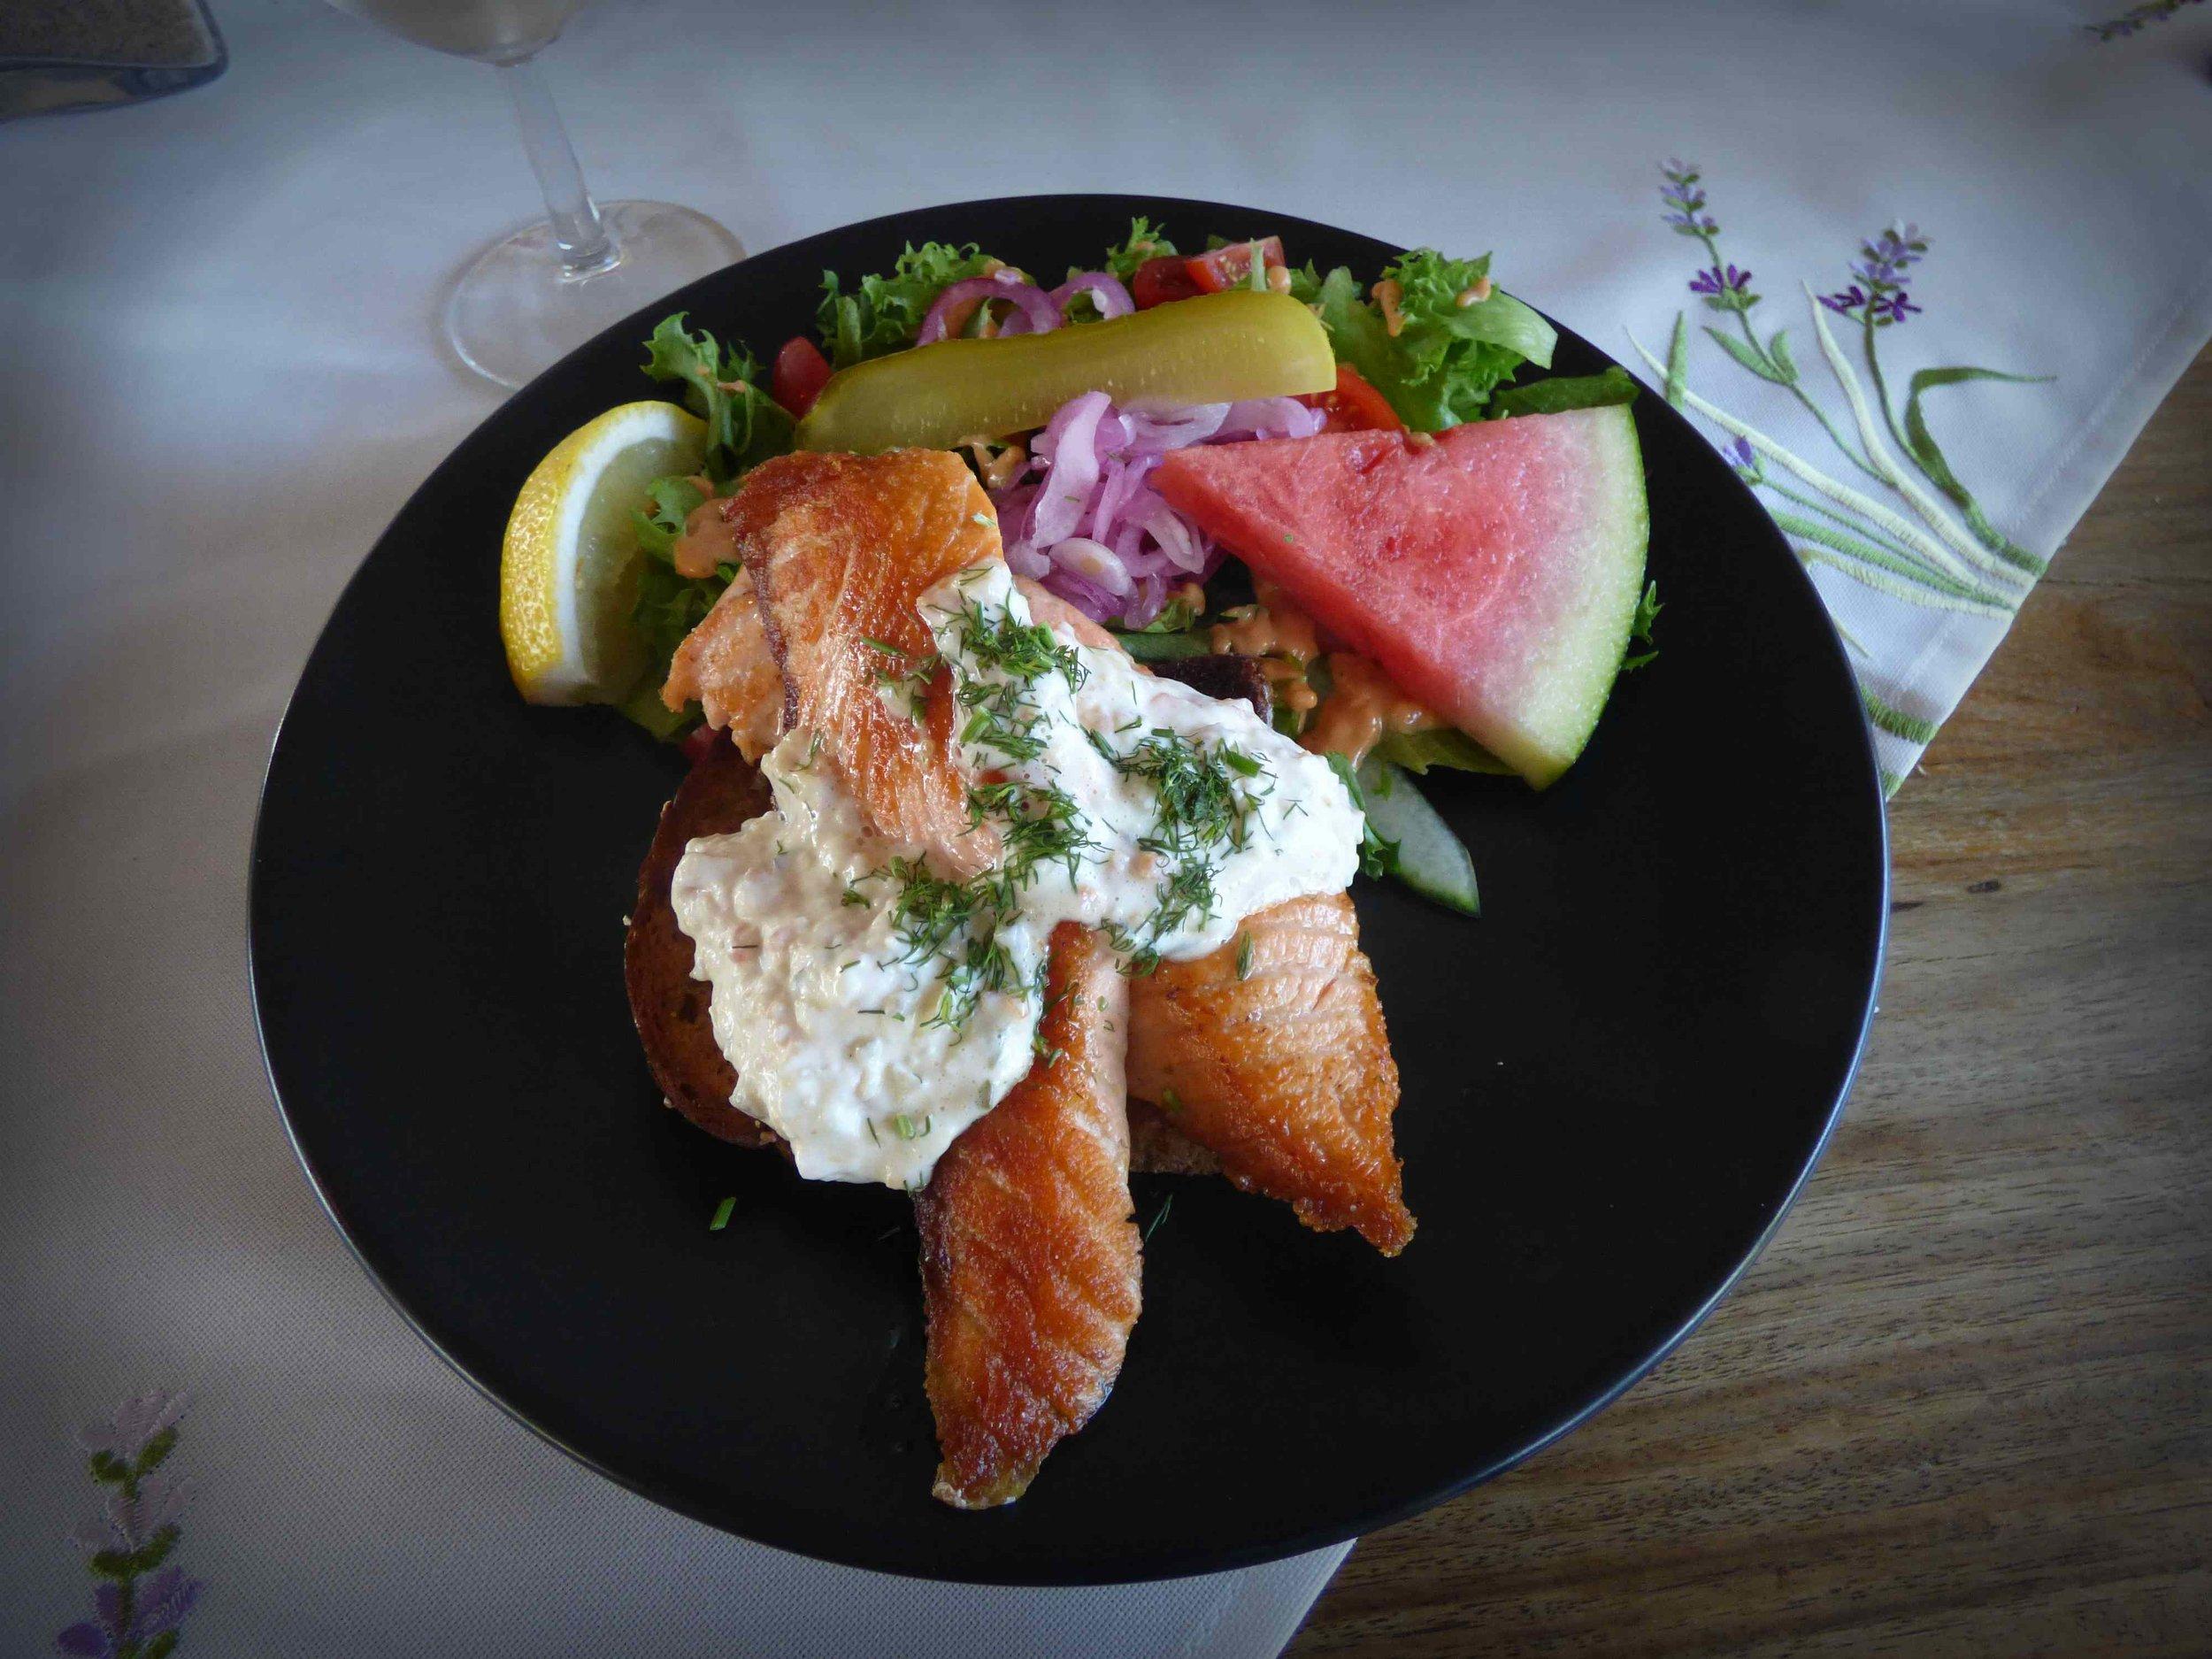 Lautasella päivän teemaan sopien; Harrbådan lohileipä tartarkastikkeella ja salaatilla